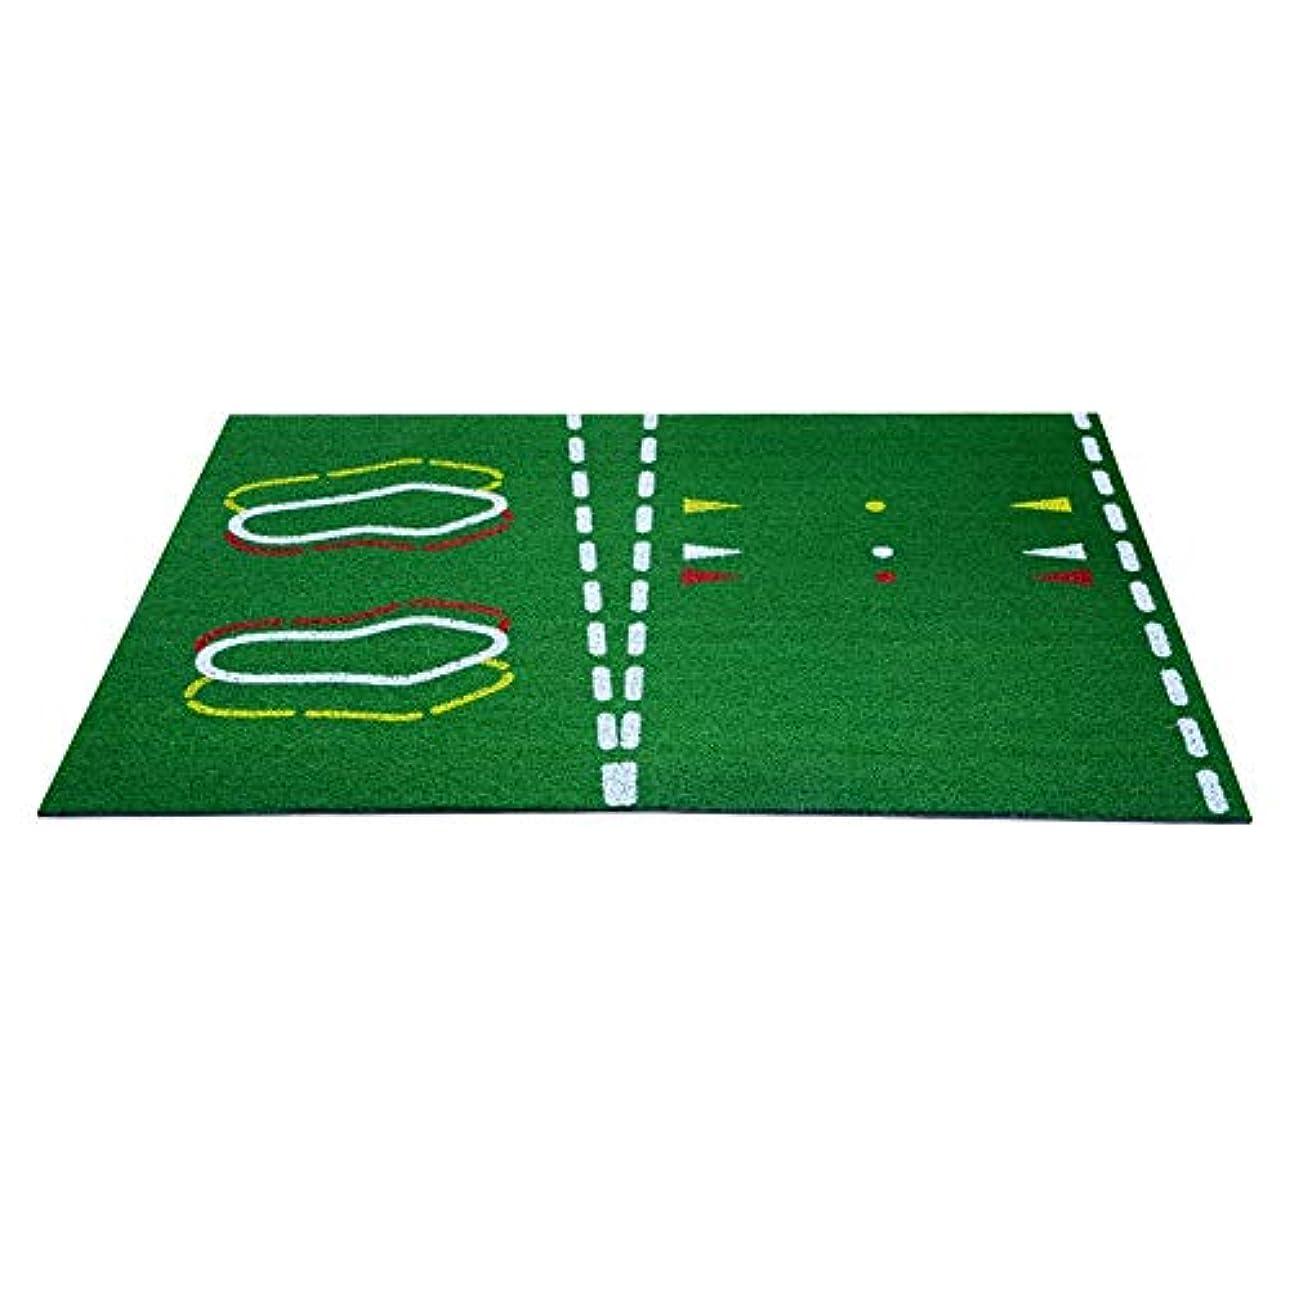 遠えキャプテン軸ゴルフパッティングマット ゴルフ指導練習マット屋内と屋外のマットポータブルアウトドアスポーツゴルフトレーニング打つ芝マット ゴルフトレーニングマット (色 : 緑, サイズ : 26*36cm)